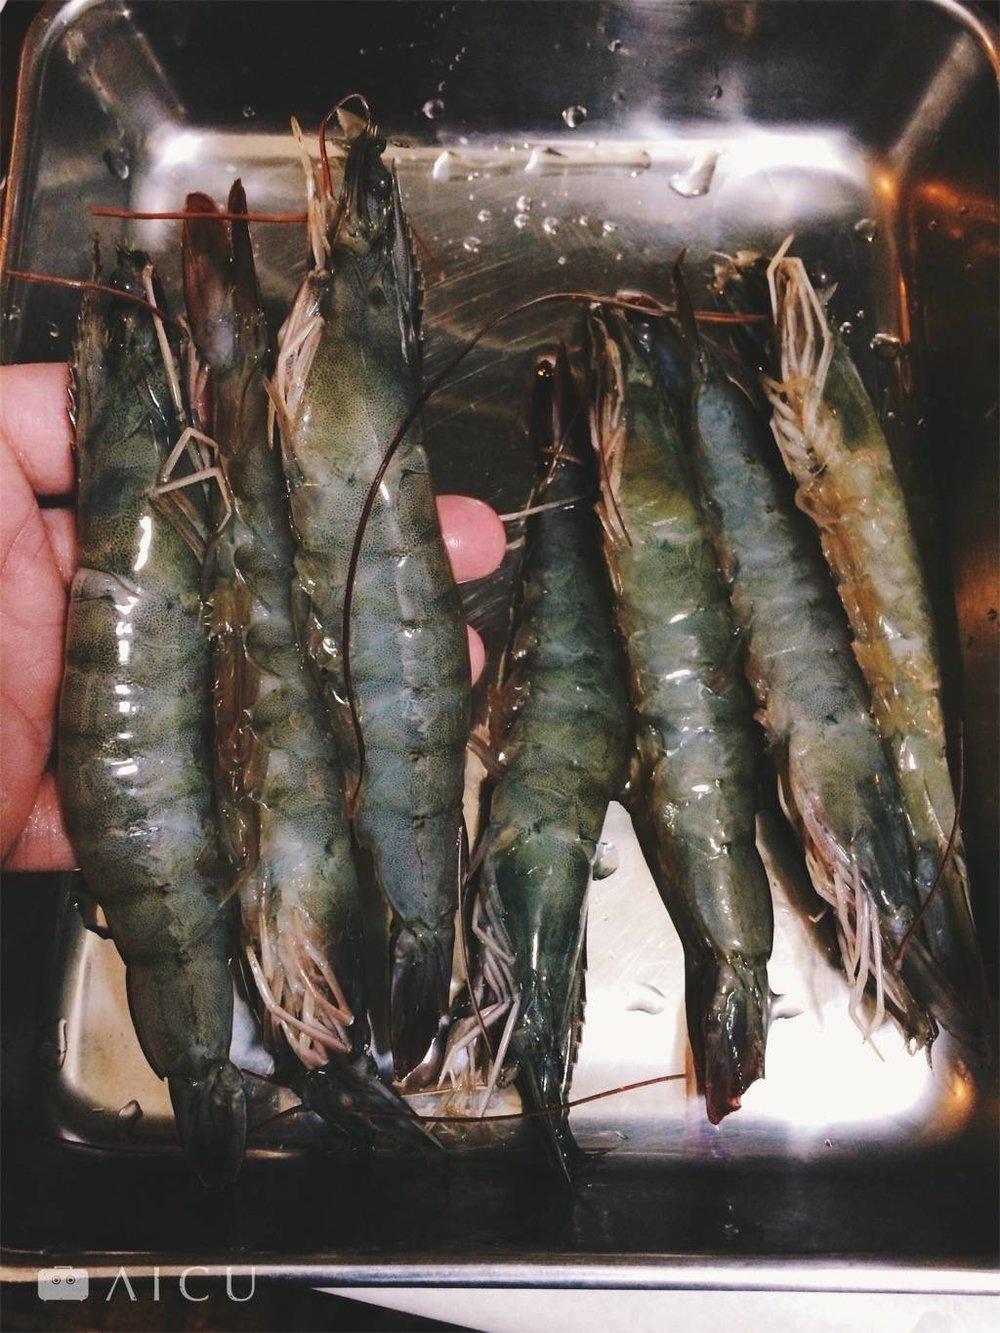 手掌大的白蝦